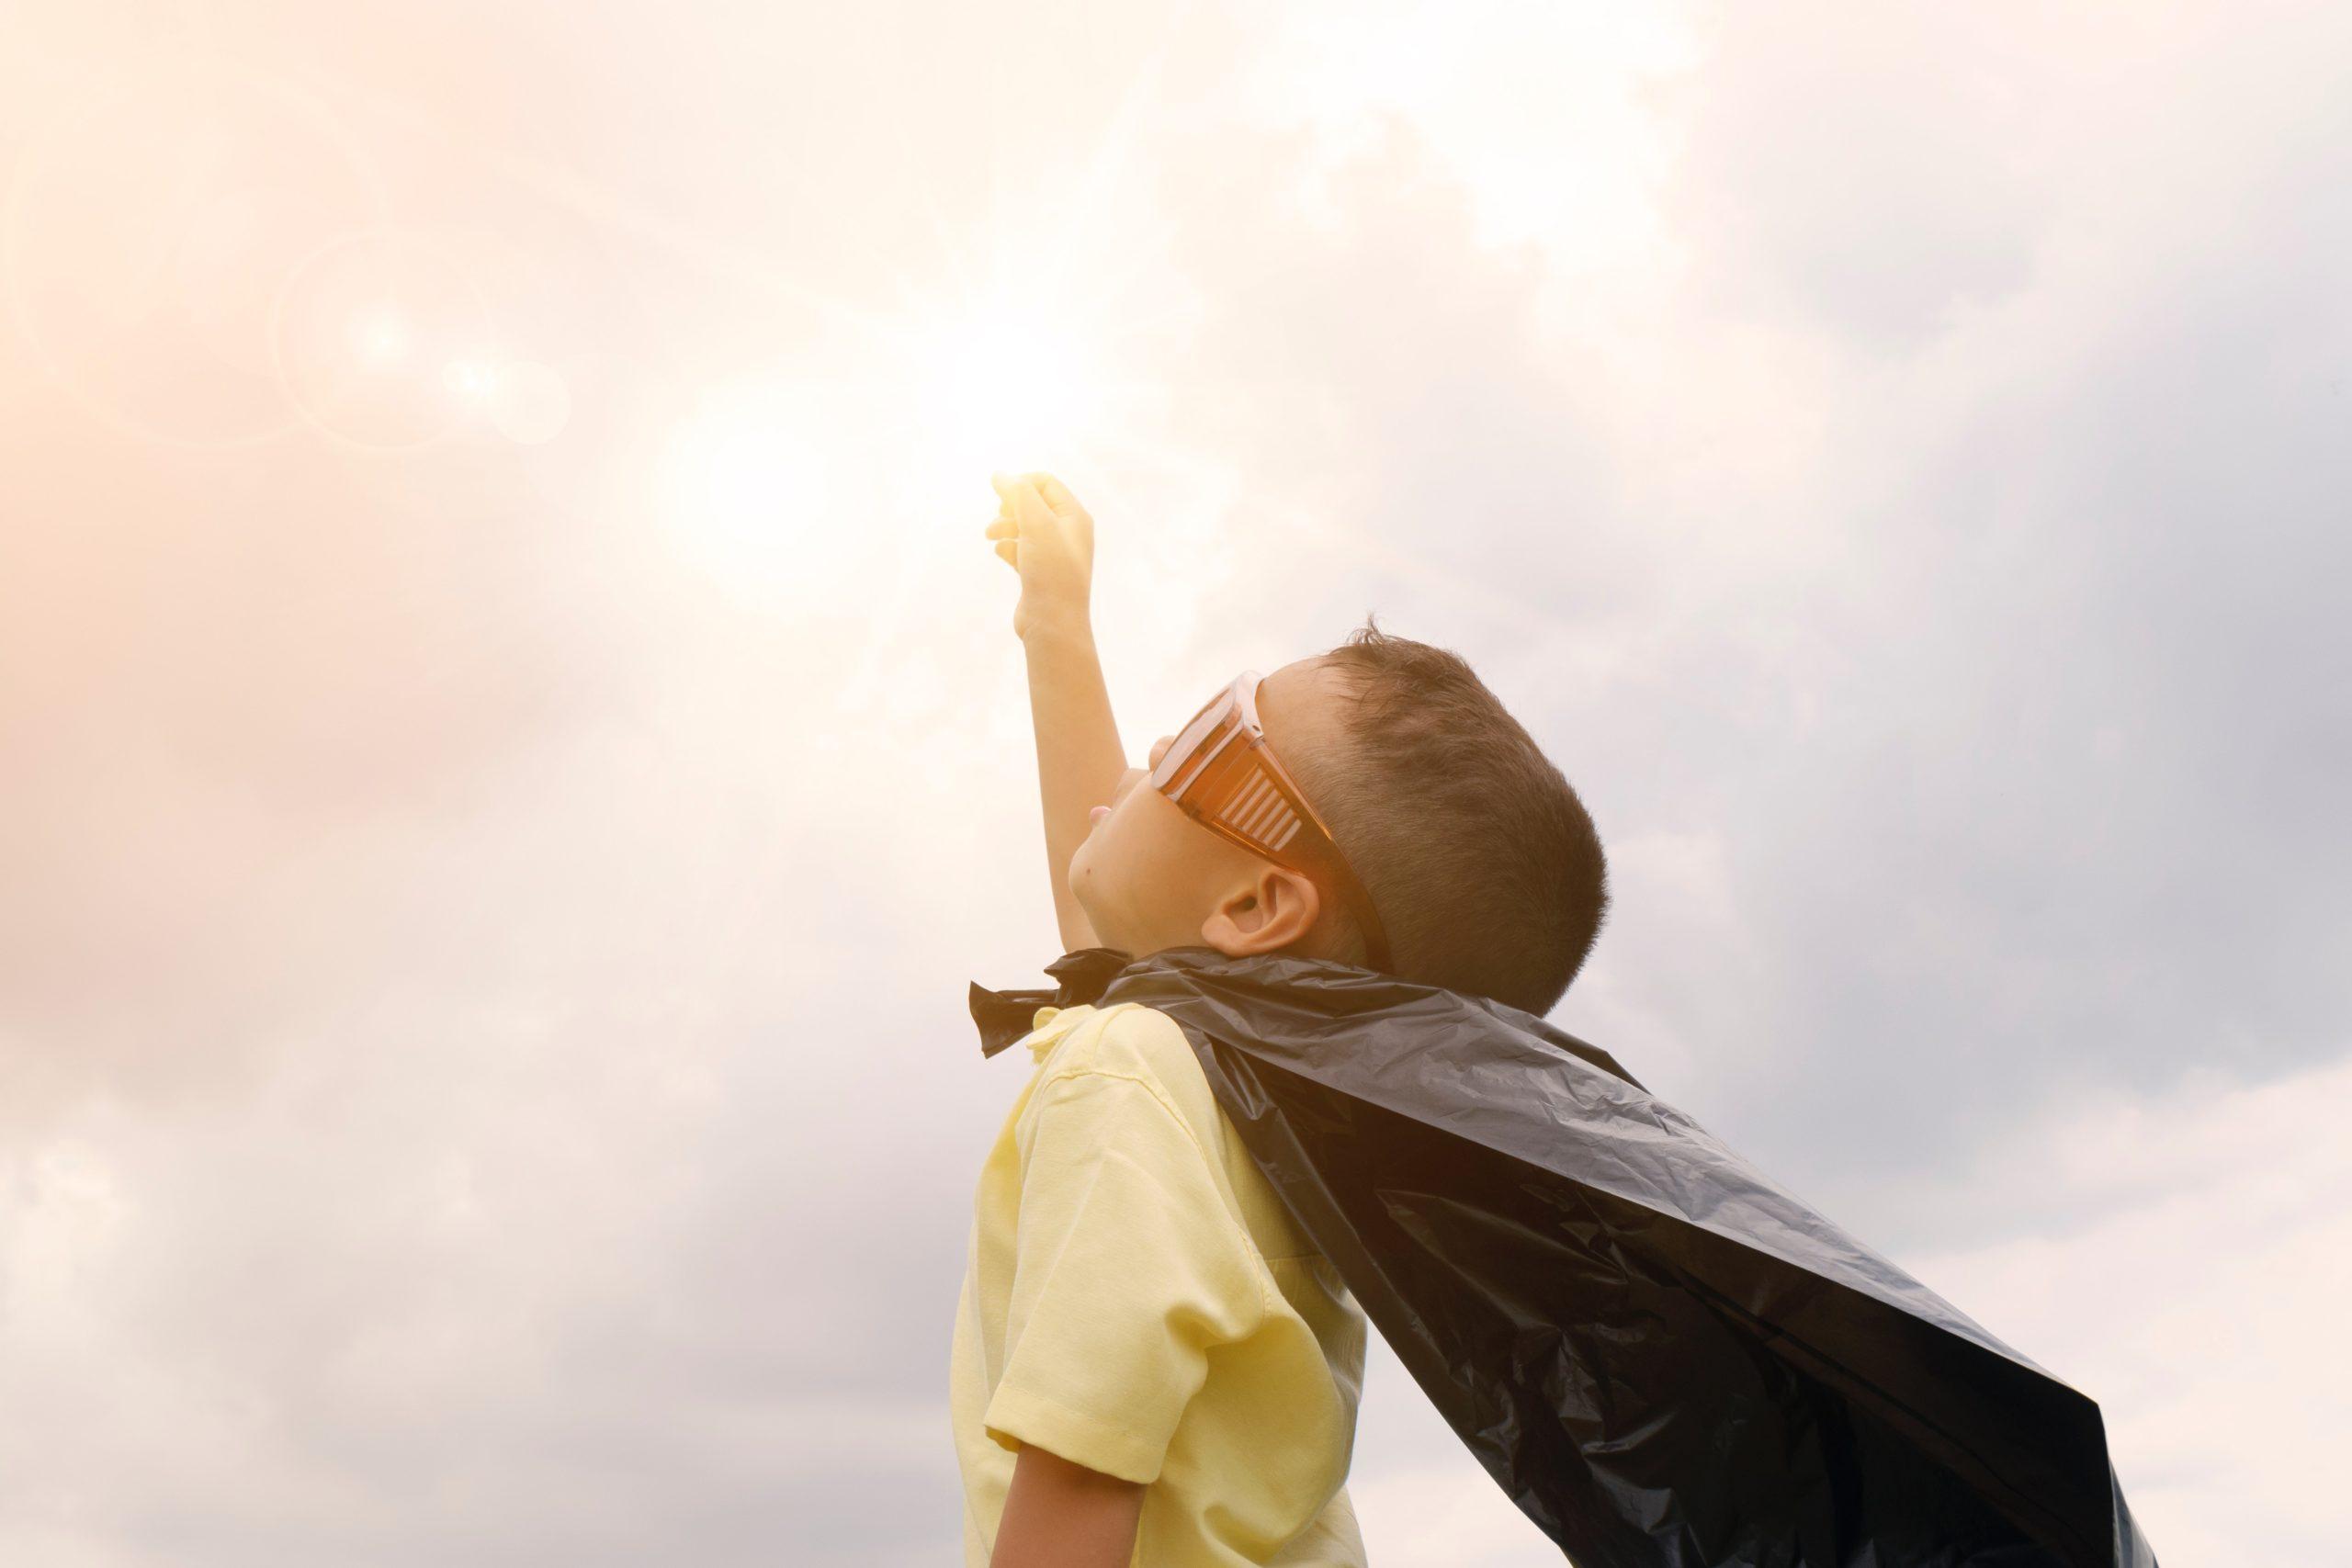 Der Held des Alltags – eine Übung gegen das Gefühl von Überforderung